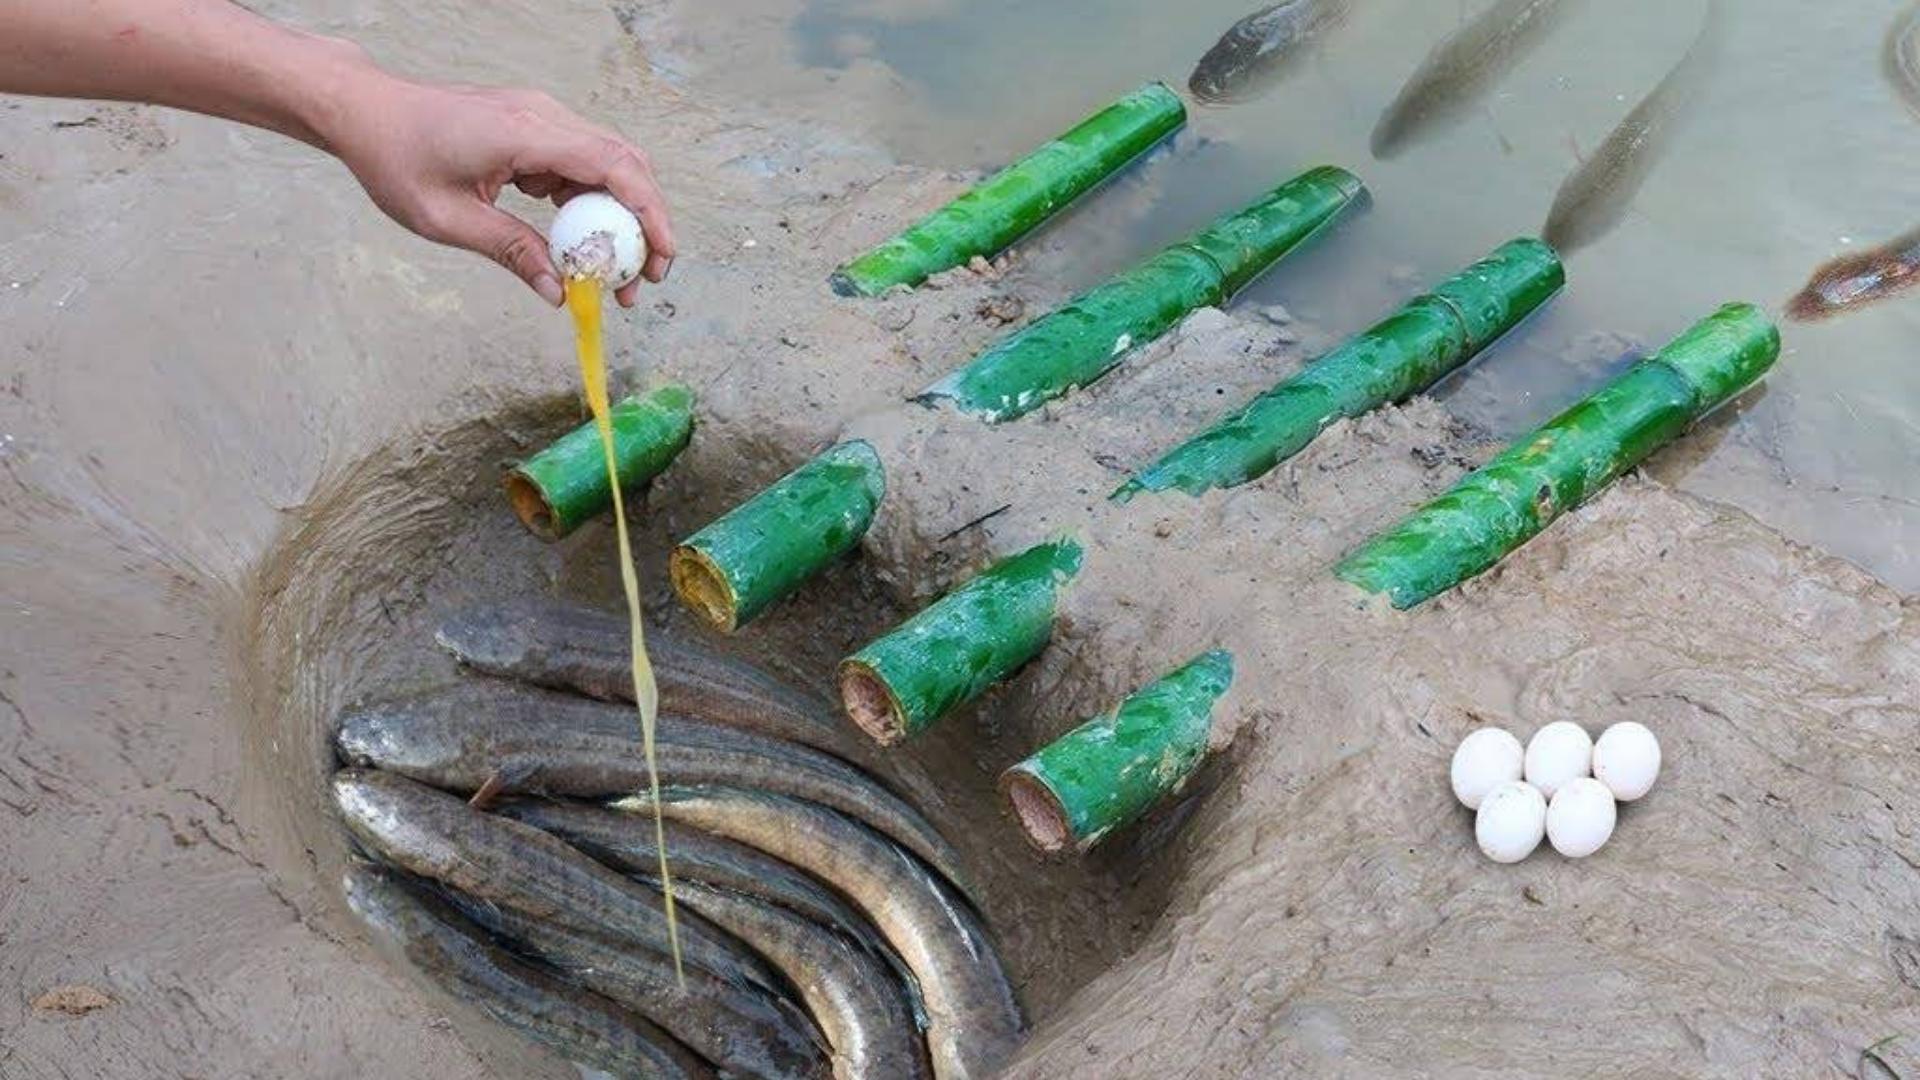 用竹子特有鱼类捕获系统 - 捕捞渔船使用鸭蛋